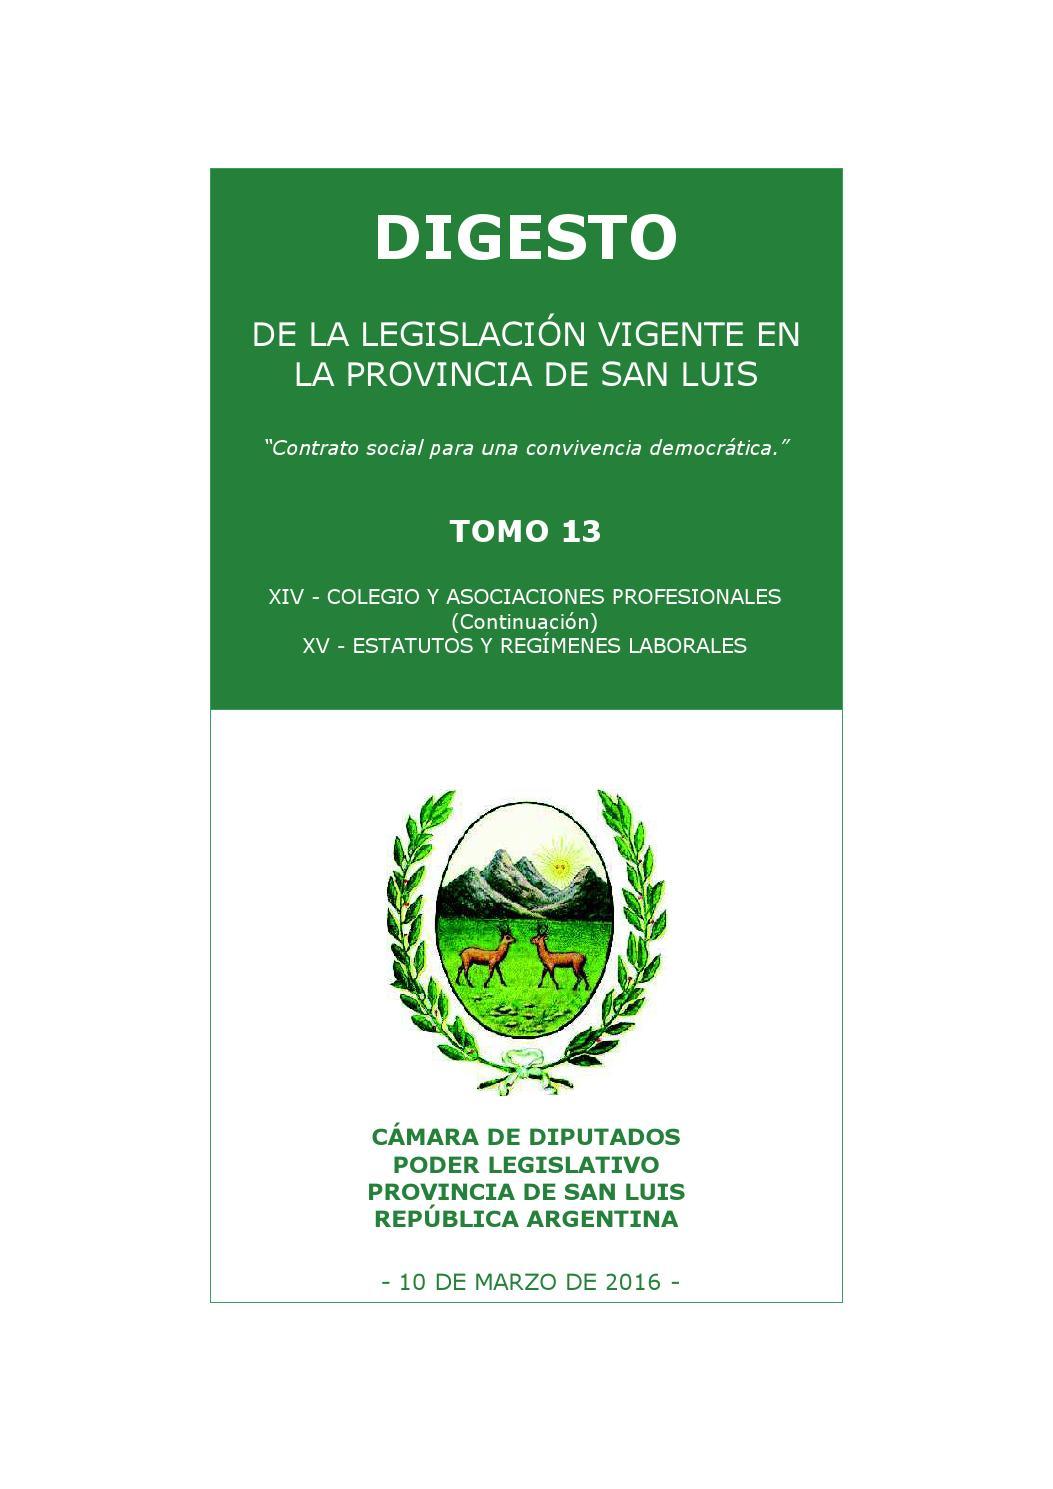 Digesto Provincia de San Luis Tomo 13 by Cámara de Diputados ...